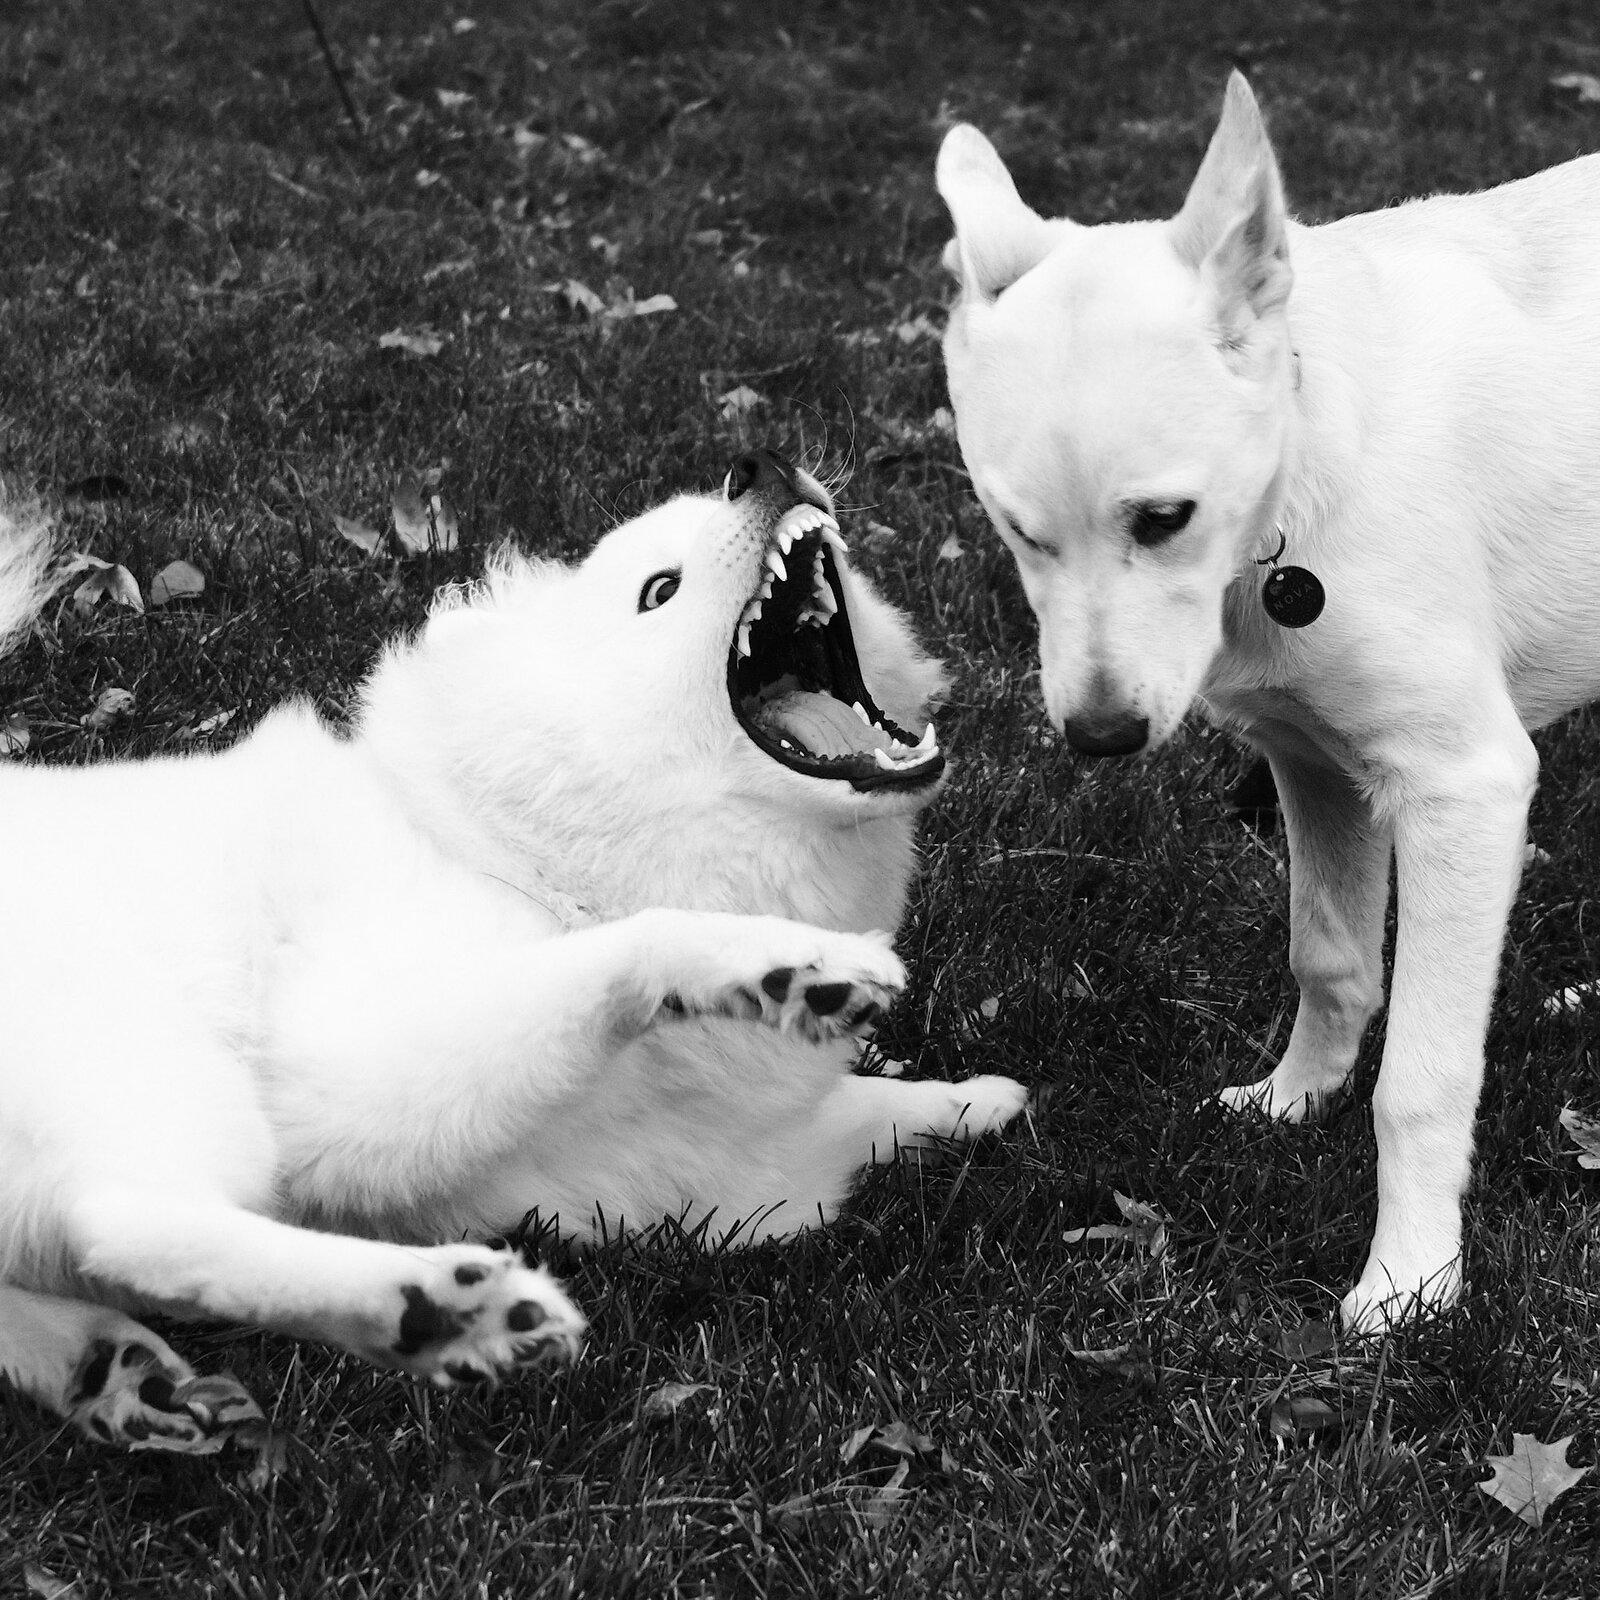 11-26-2020_thxgiving_dogs_X1008859.jpg